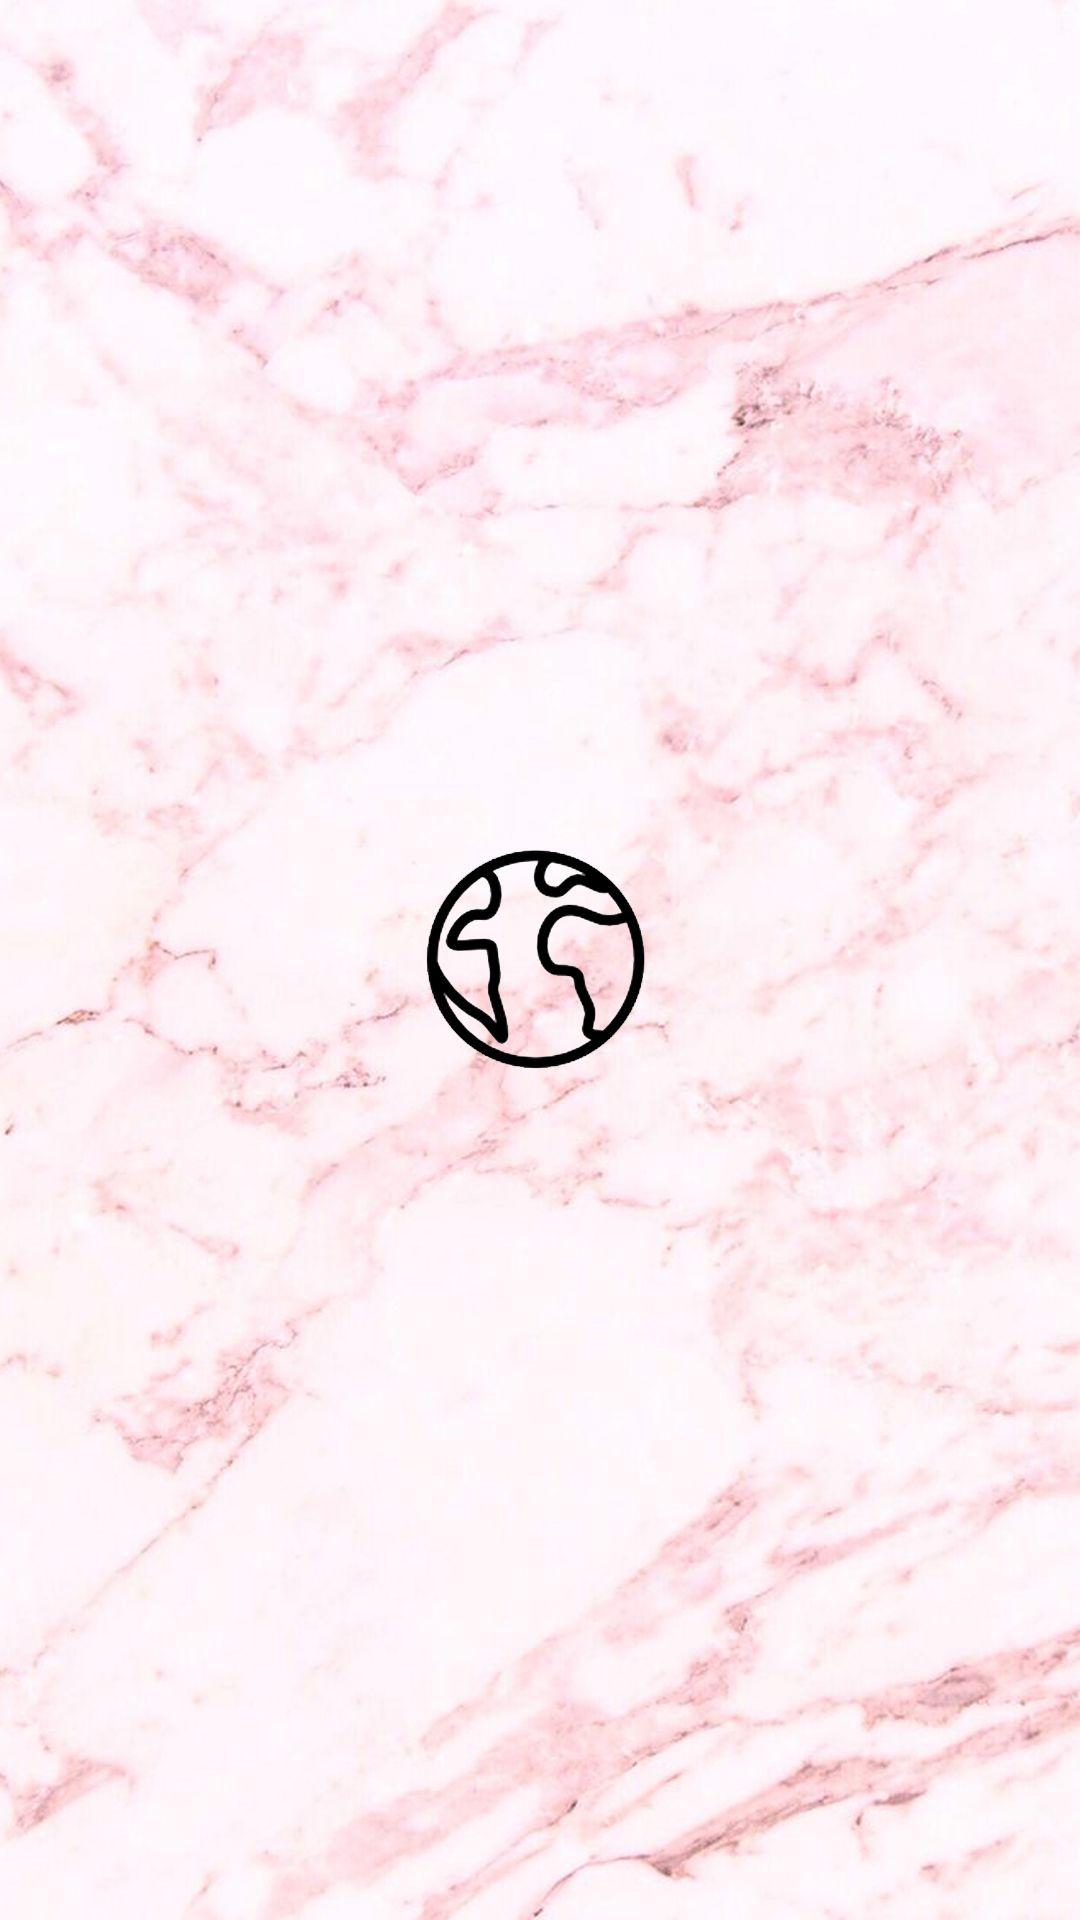 93575fa67 Pin de Megan Rhodes en Insta story icons en 2019   Instagram highlight  icons, Instagram logo y Instagram story